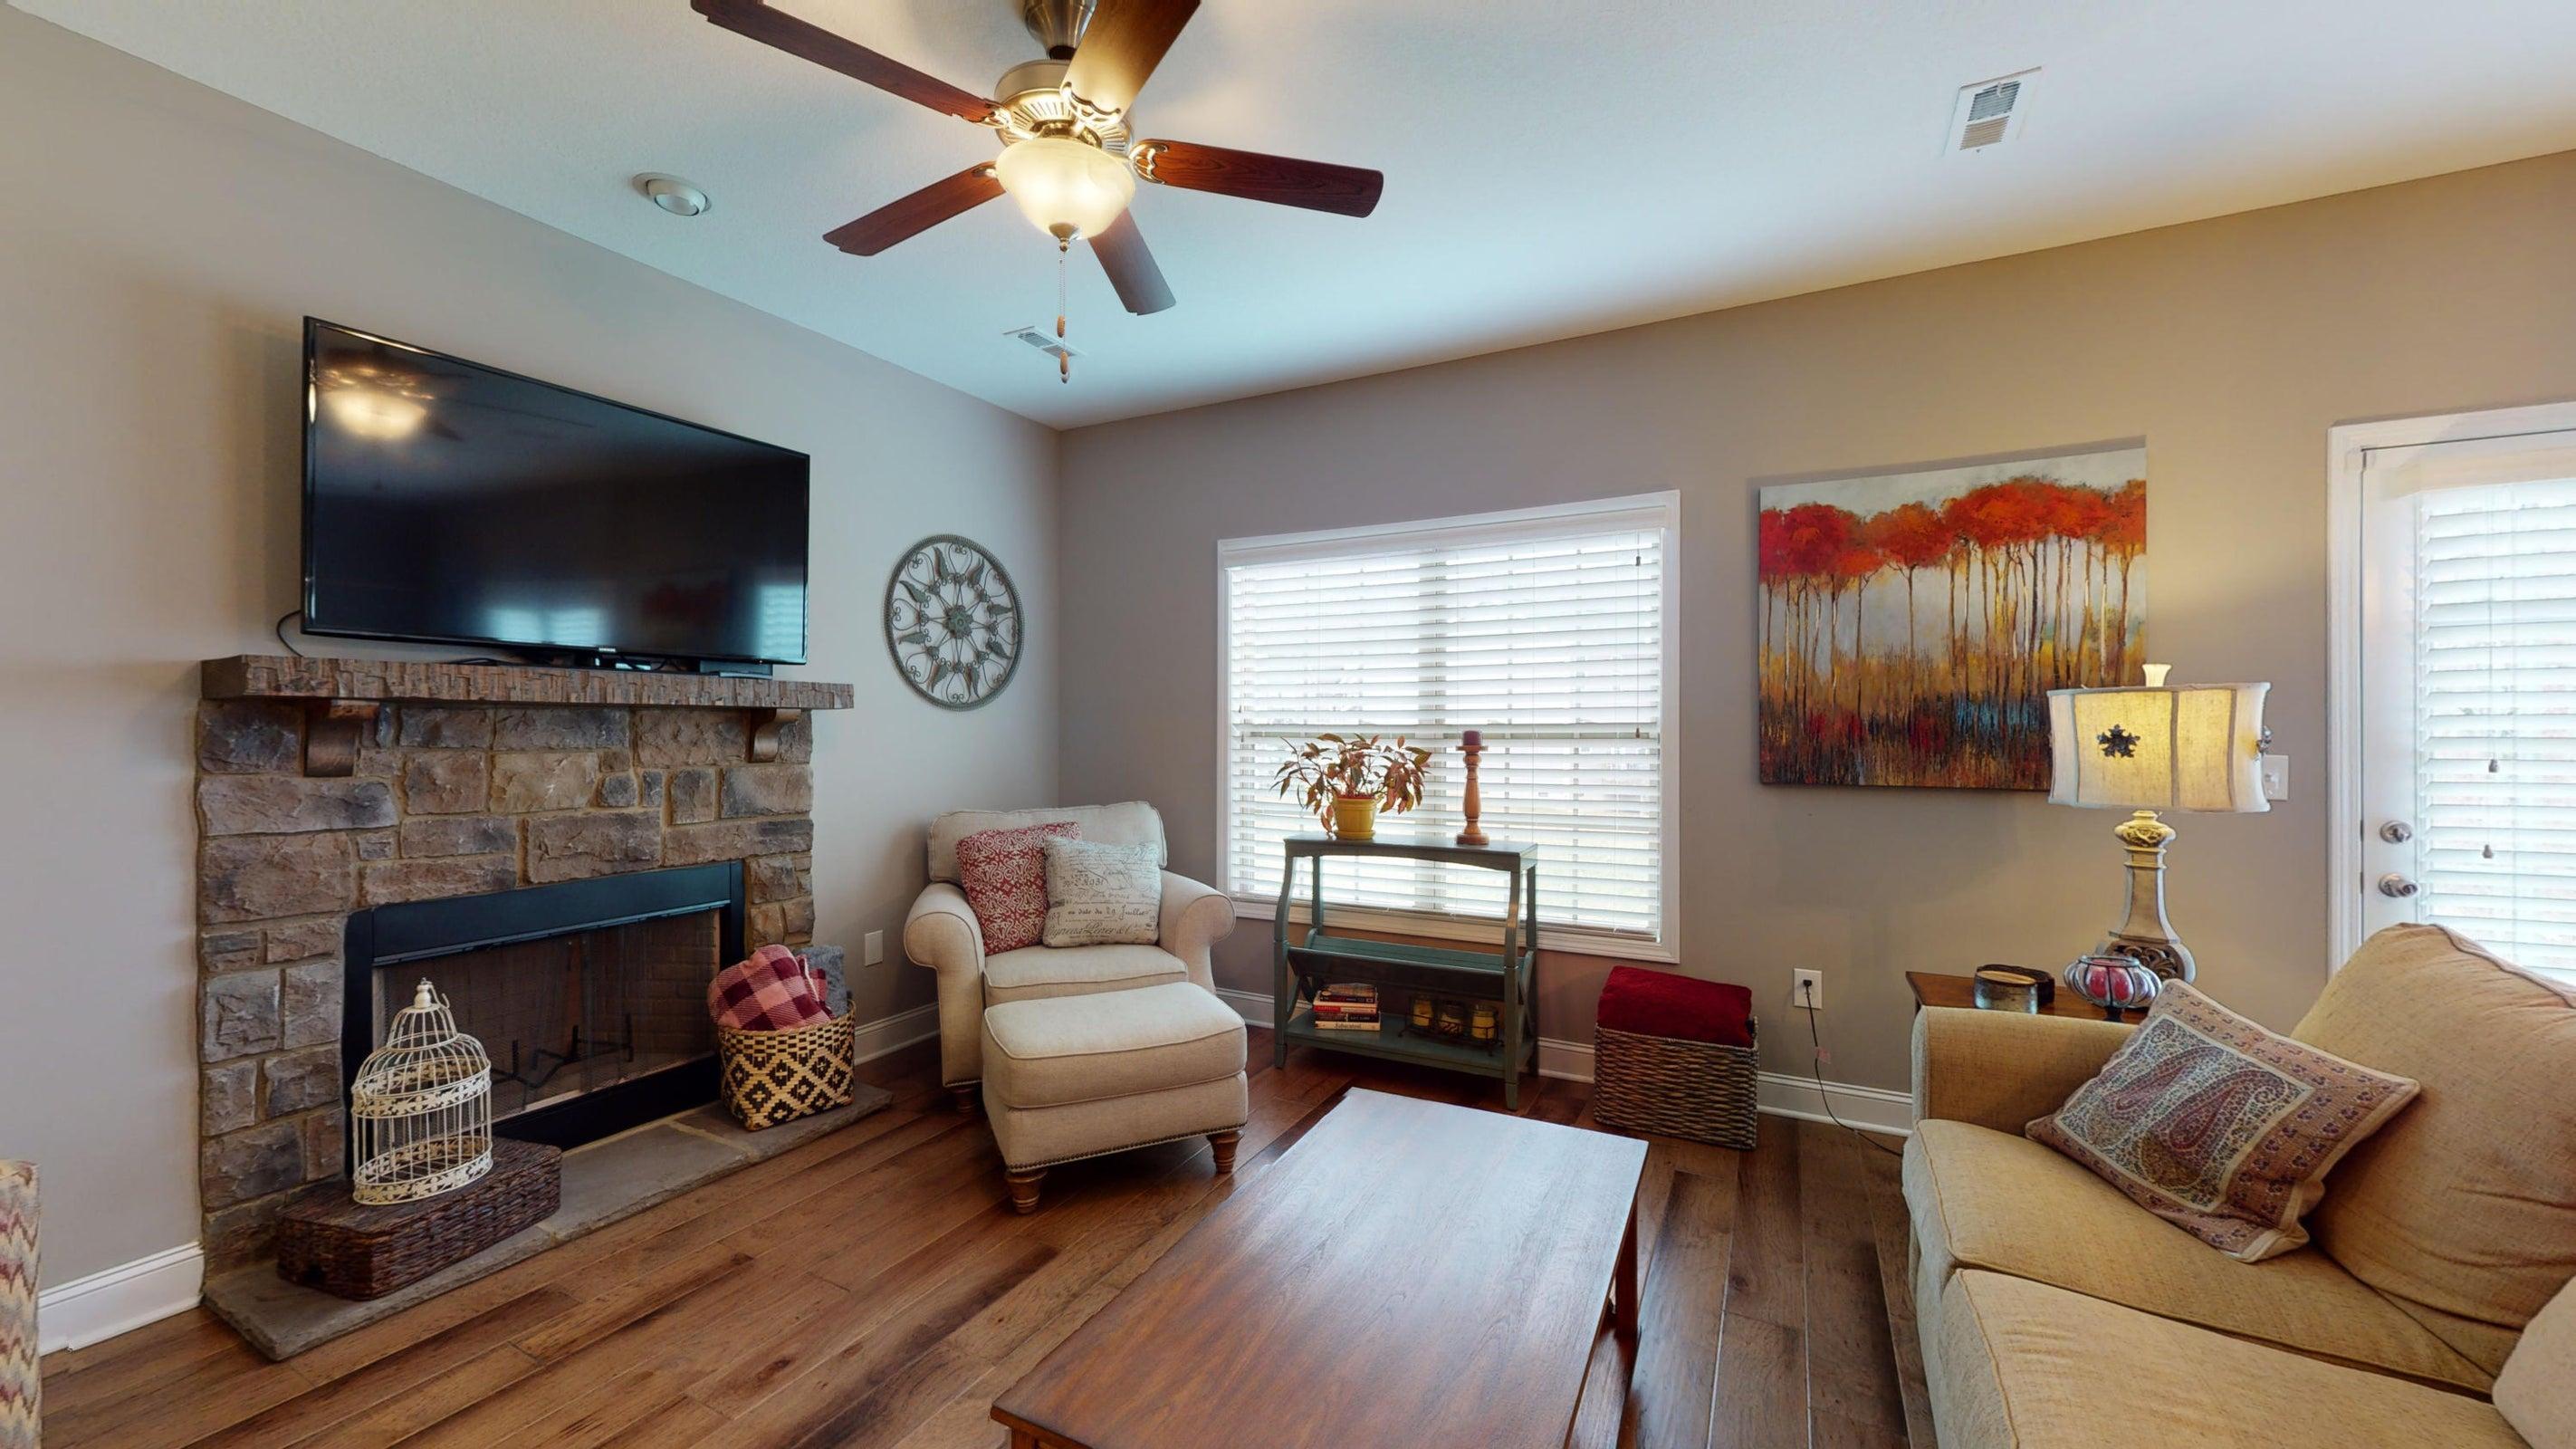 2352-Madeline-lane-Living-Room